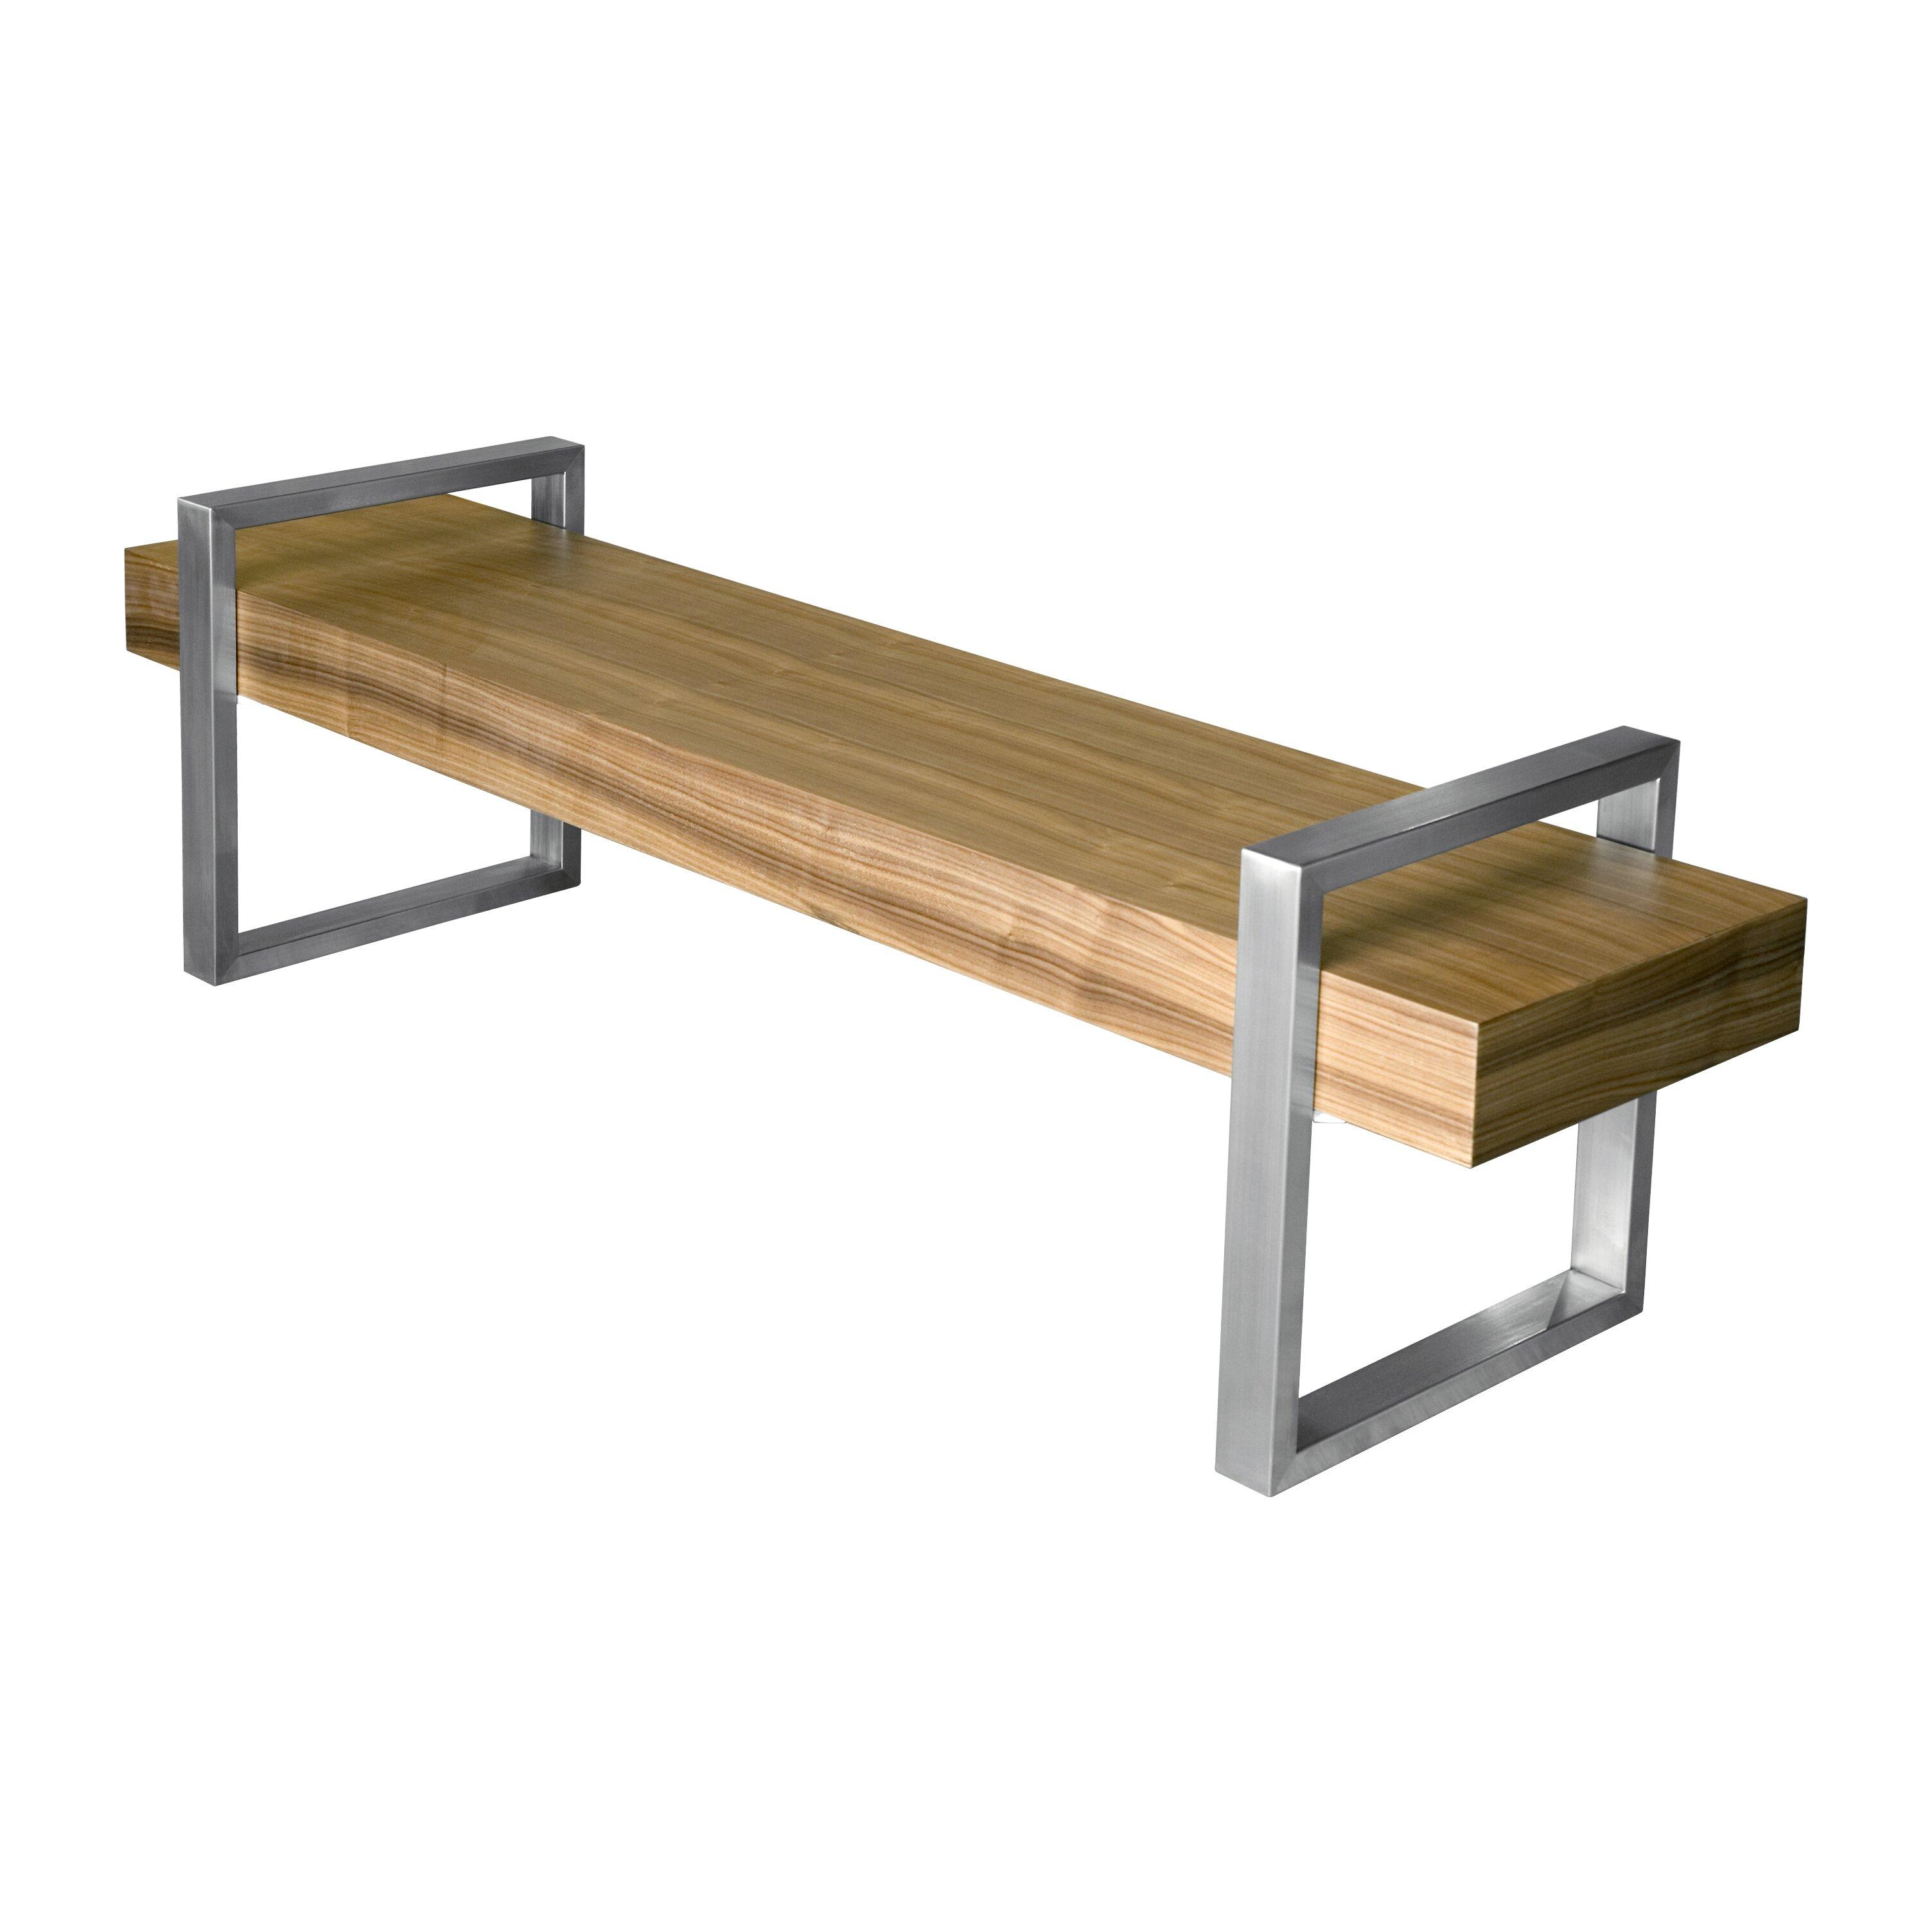 Gus Modern Return Wooden Bench Reviews Wayfair